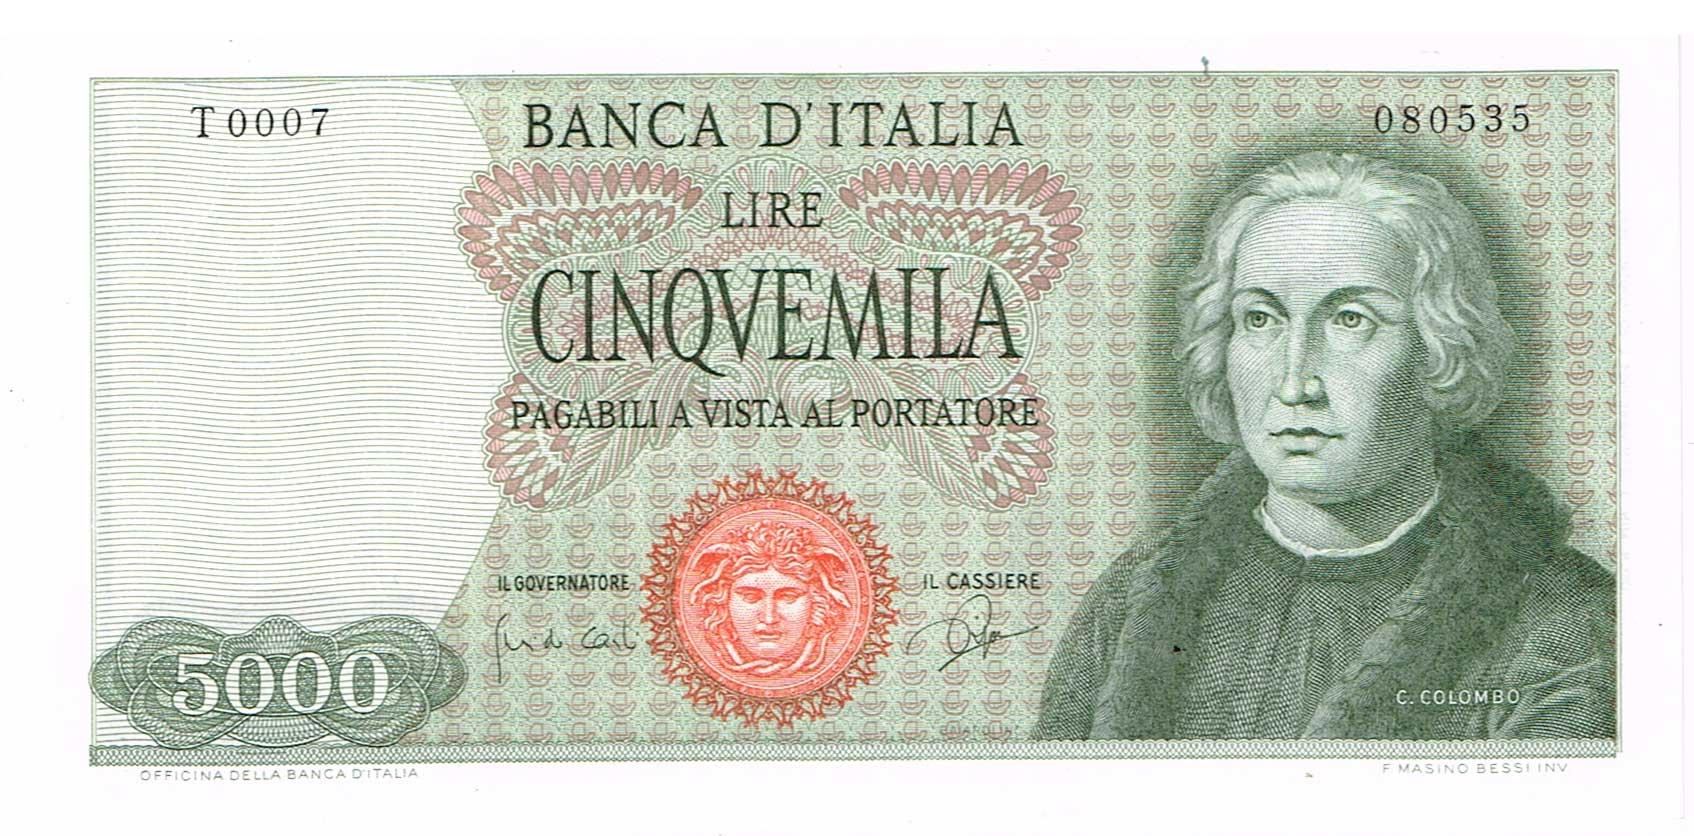 1ef27e2d7a 5000 Lire 3-9-1964 Colombo, 1 caravella